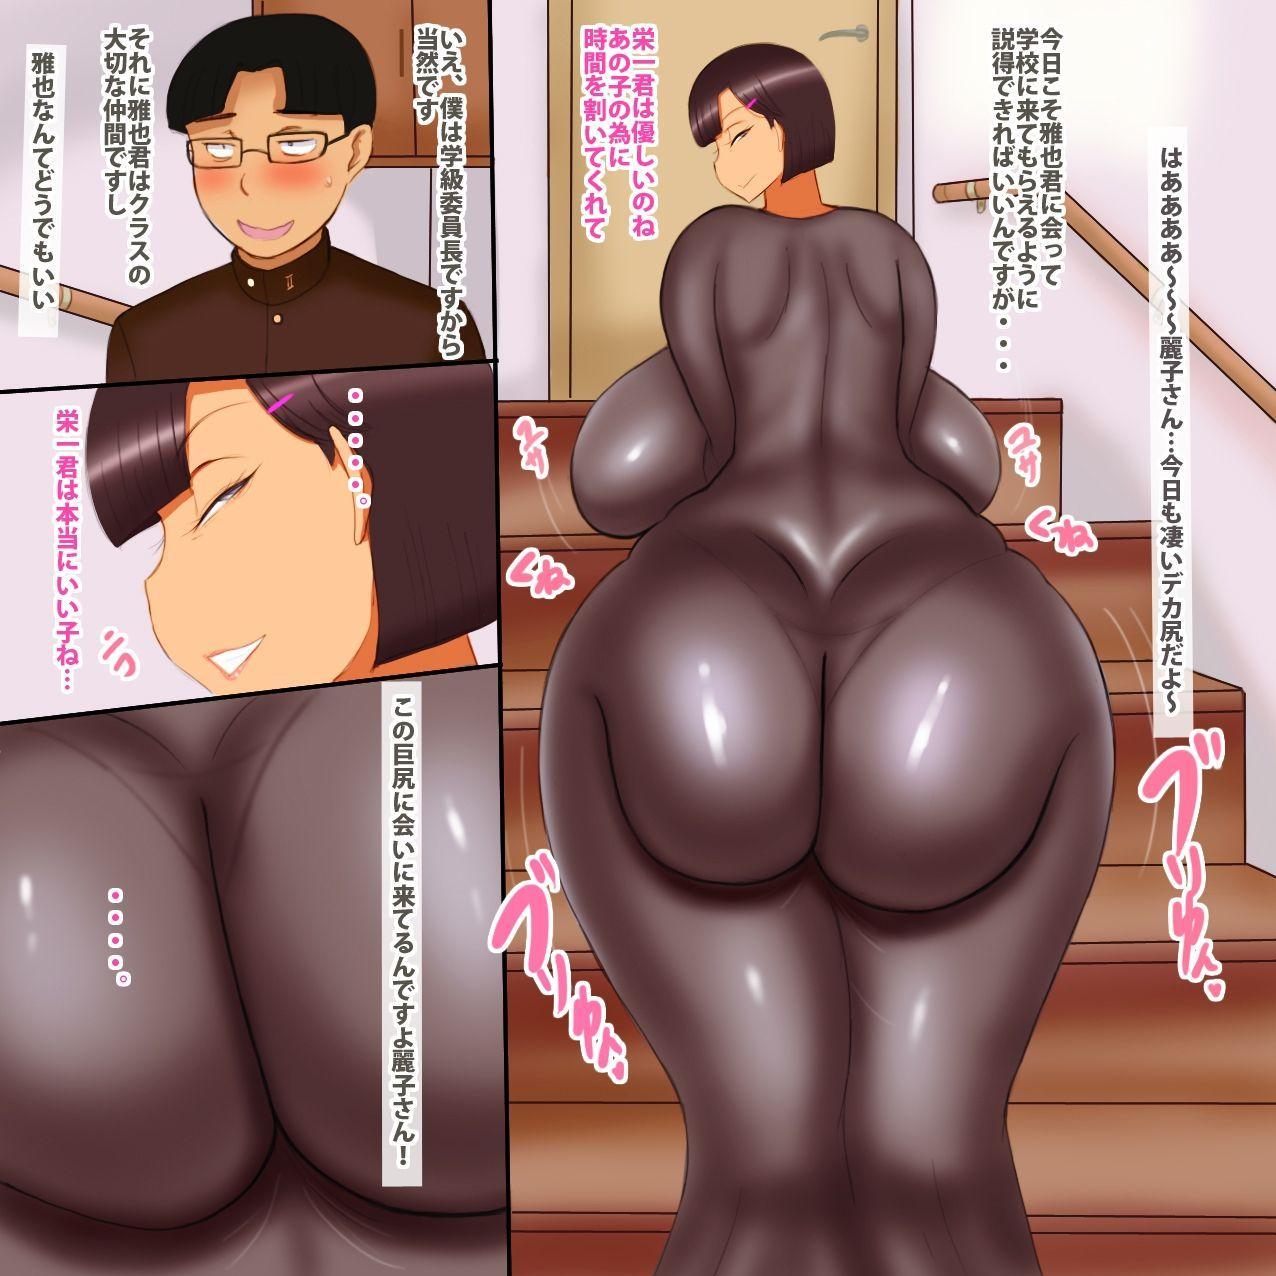 Hiki Komori No Musuko Ni Wa Himitsuna Koto 2